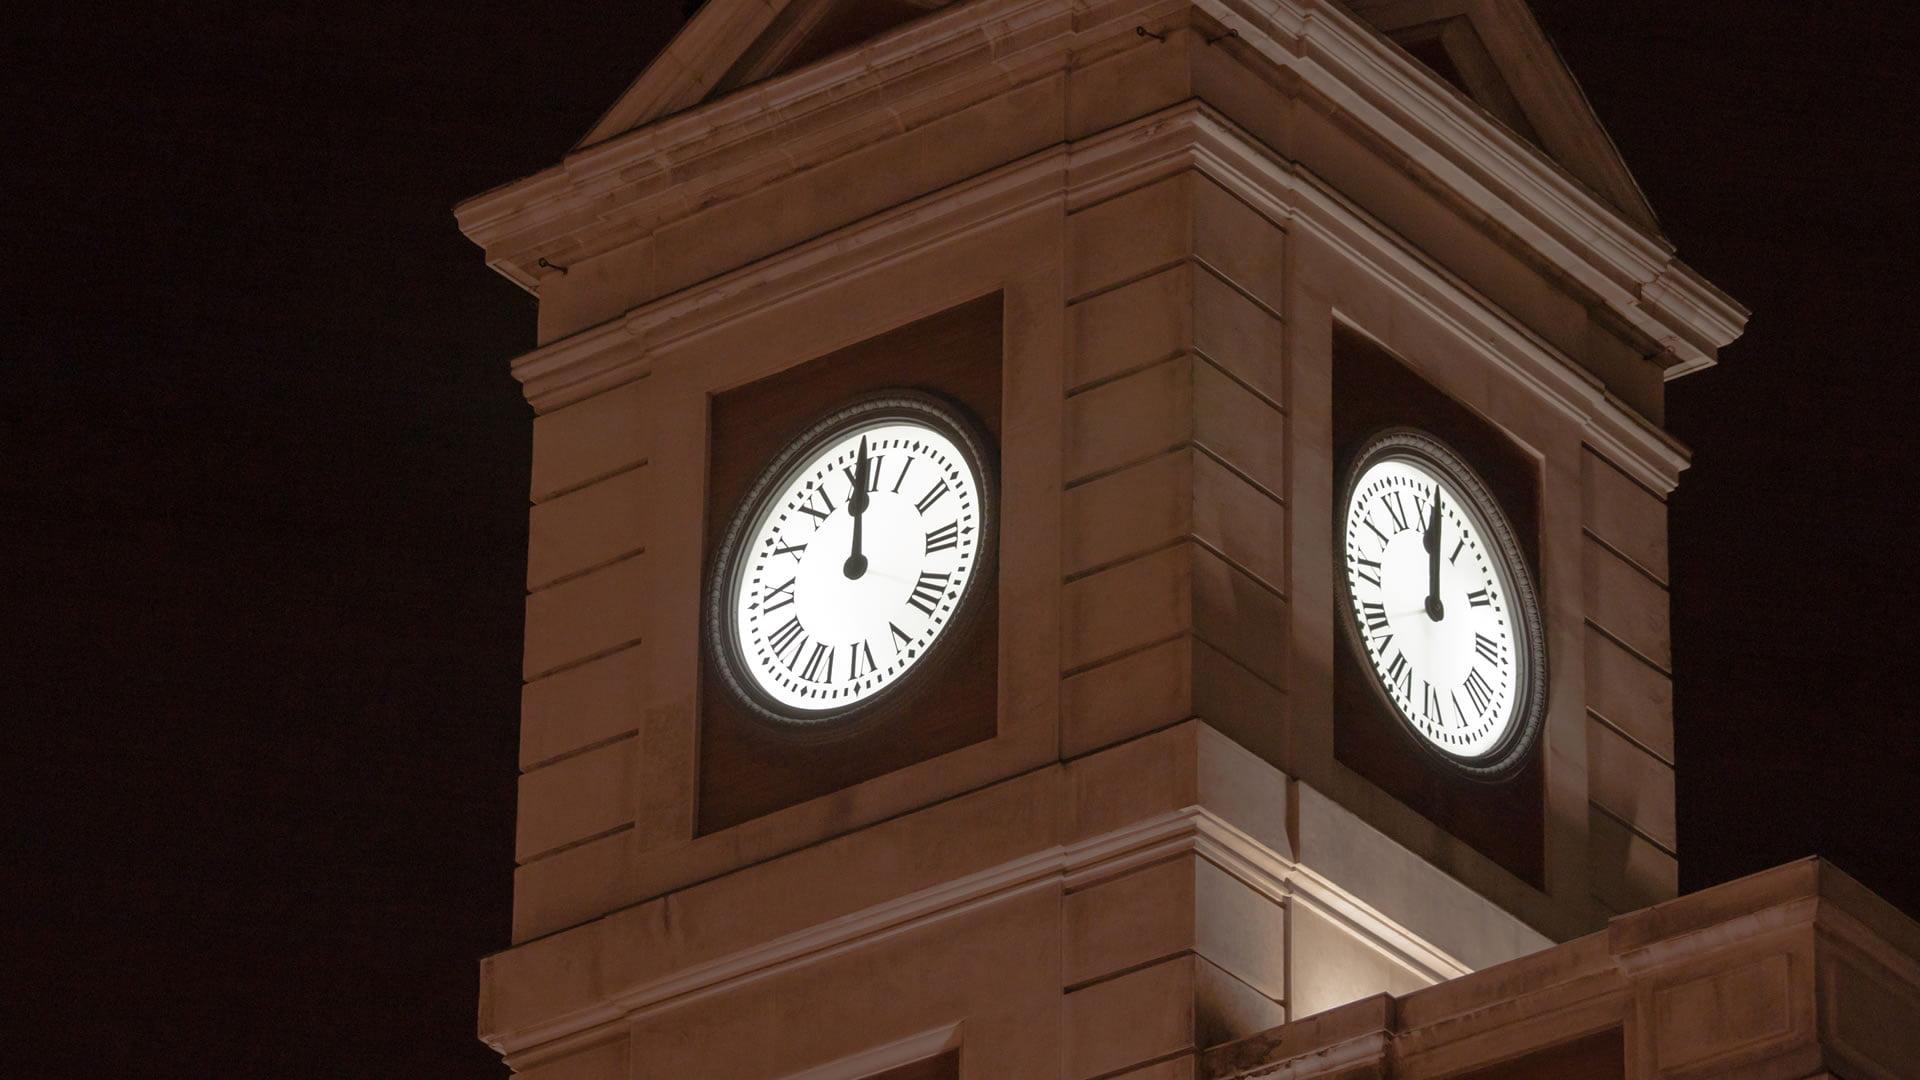 Reloj de la puerta del sol madrid for Puerta del sol madrid fotos